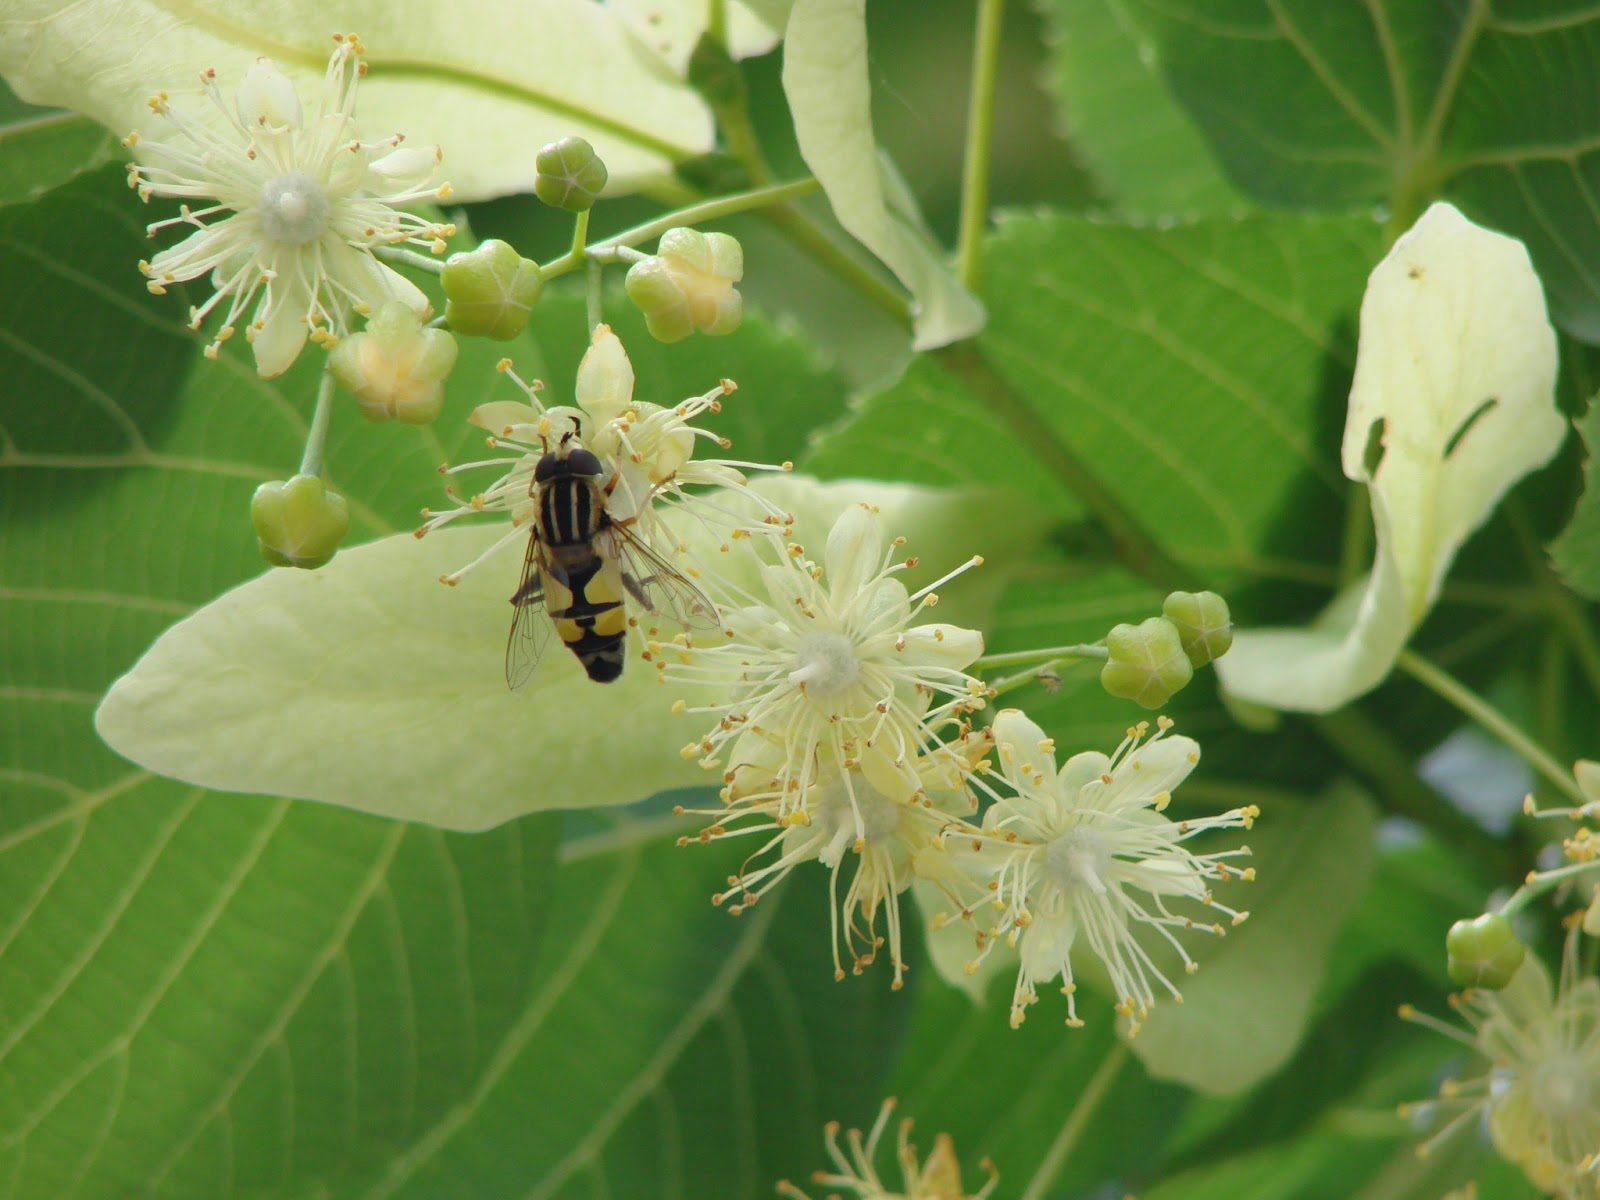 une fleur - blucat-  8 août trouvée par martine DSC01530